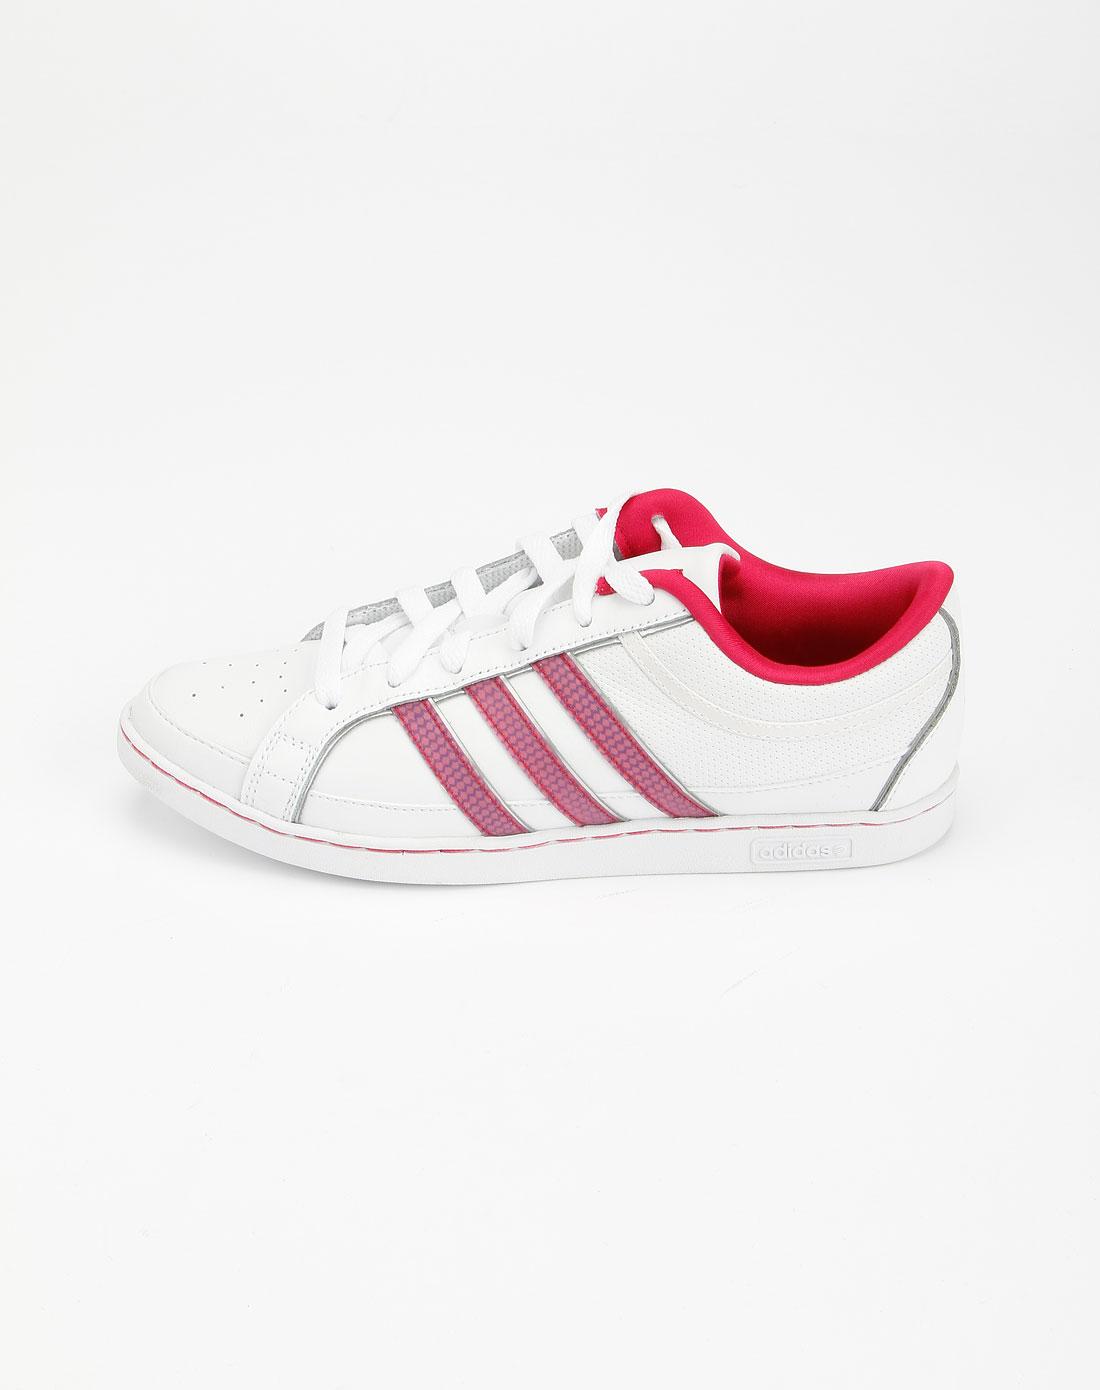 阿迪达斯adidasneo 女款白/玫红色休闲鞋g11919